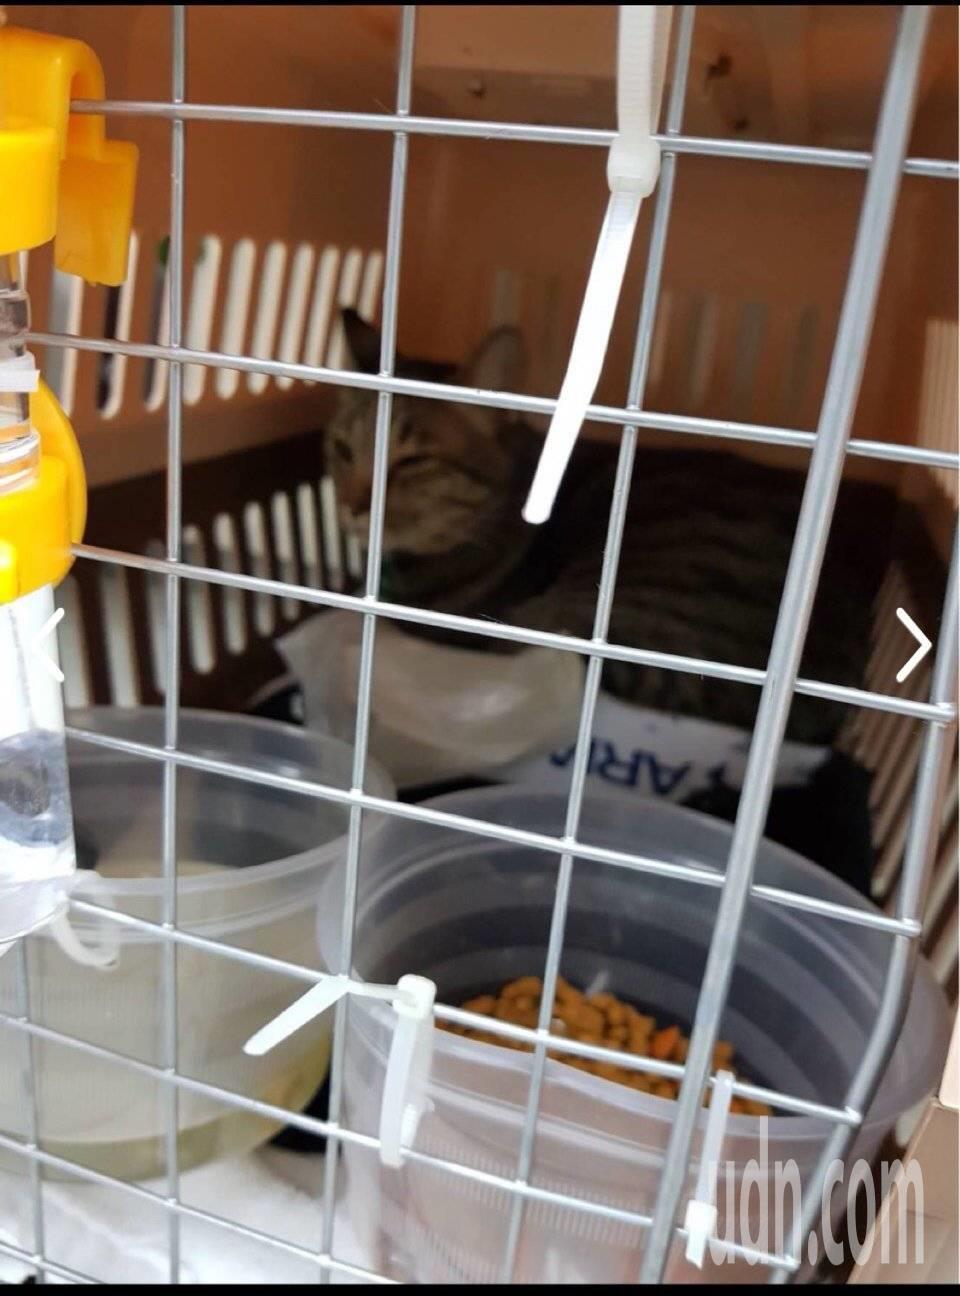 滯留在桃園機場3天的貓咪,長榮航空地勤人員自掏腰包買了貓砂,才讓貓咪順利排泄。記...